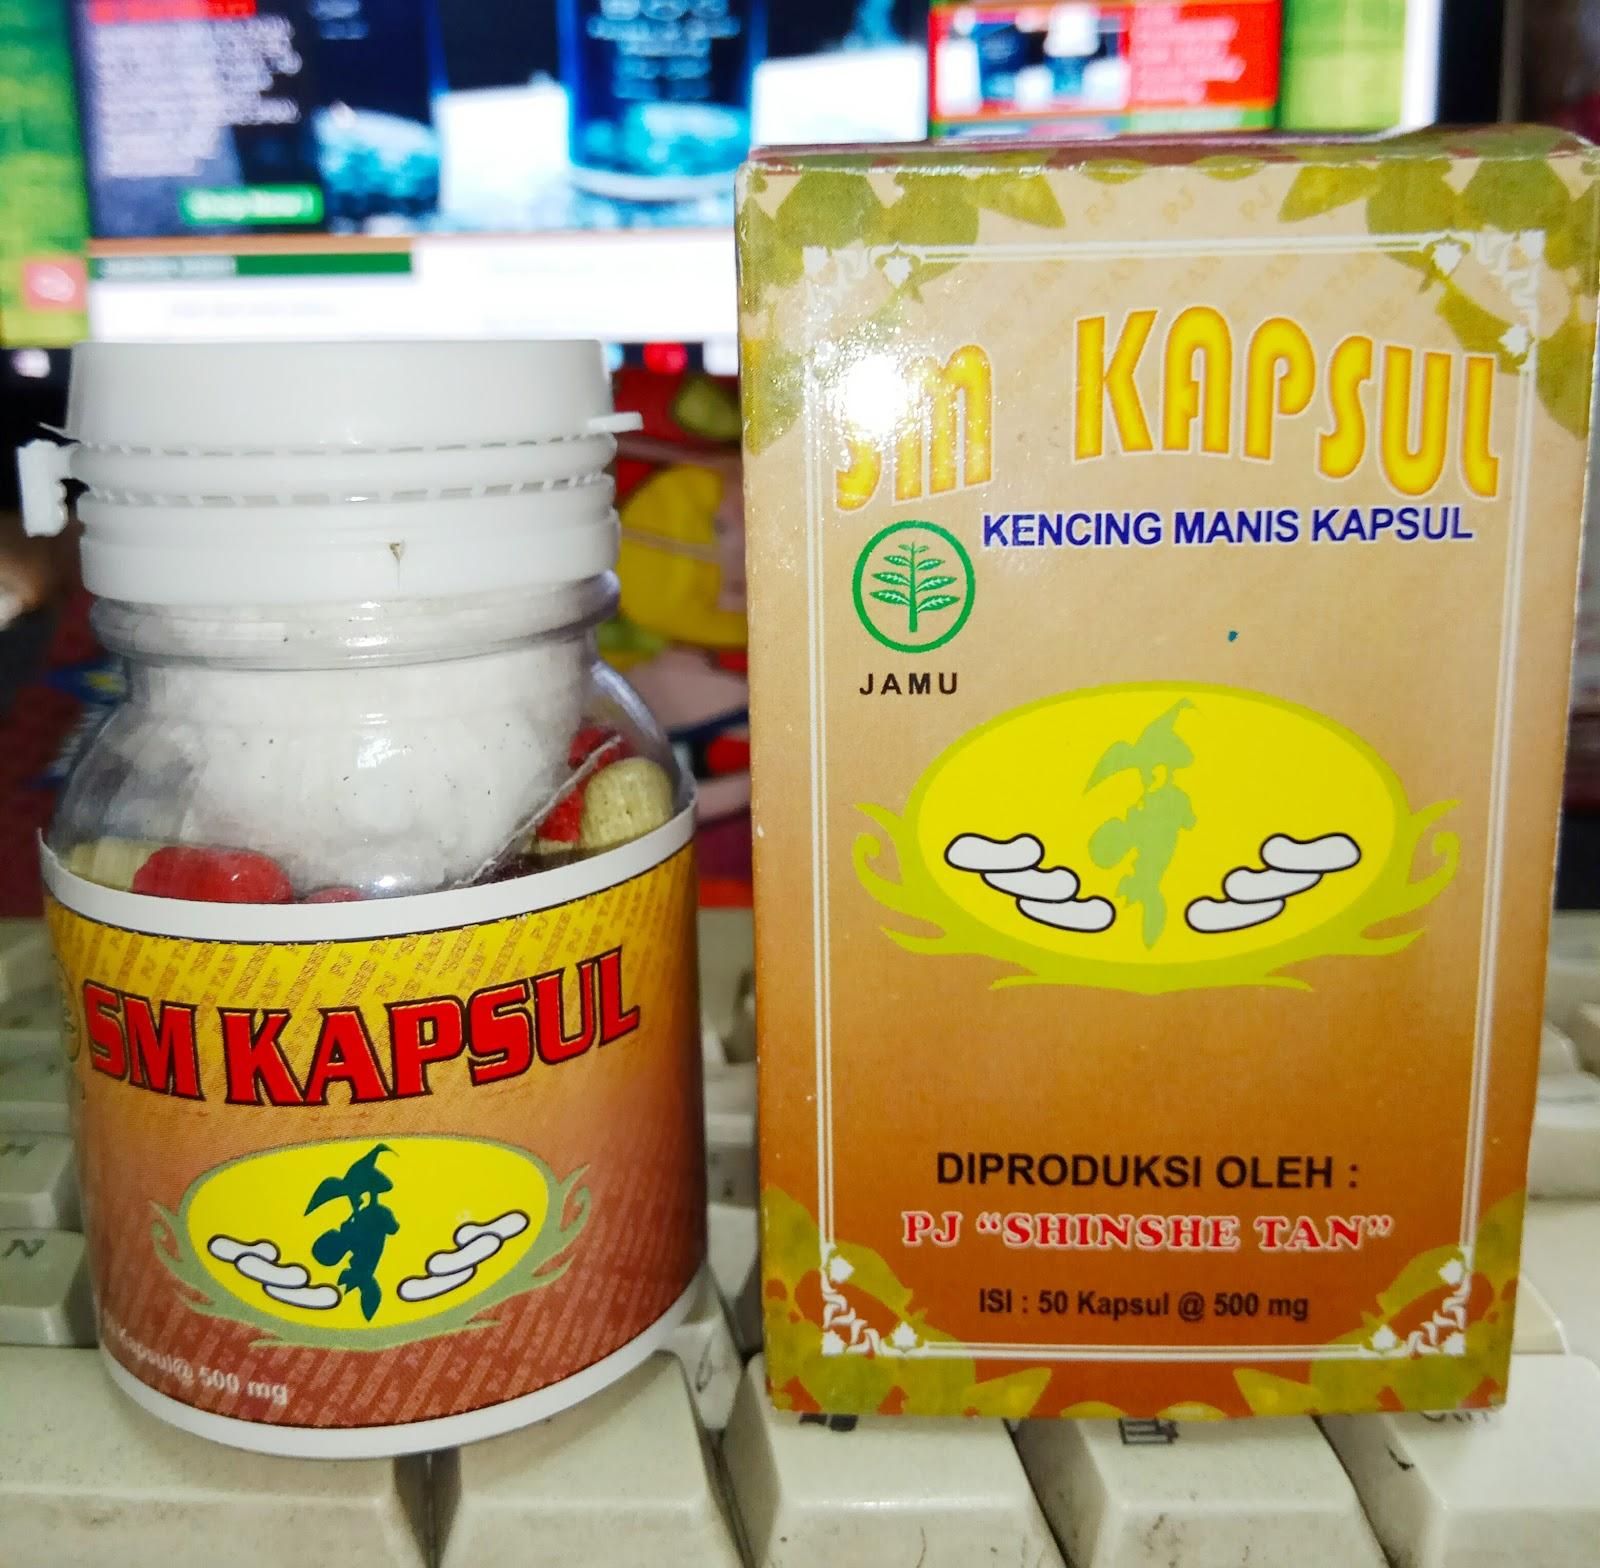 Jual SM Kapsul Kencing Manis/ Diabetes Pj. Shinshe Tan di Surabaya